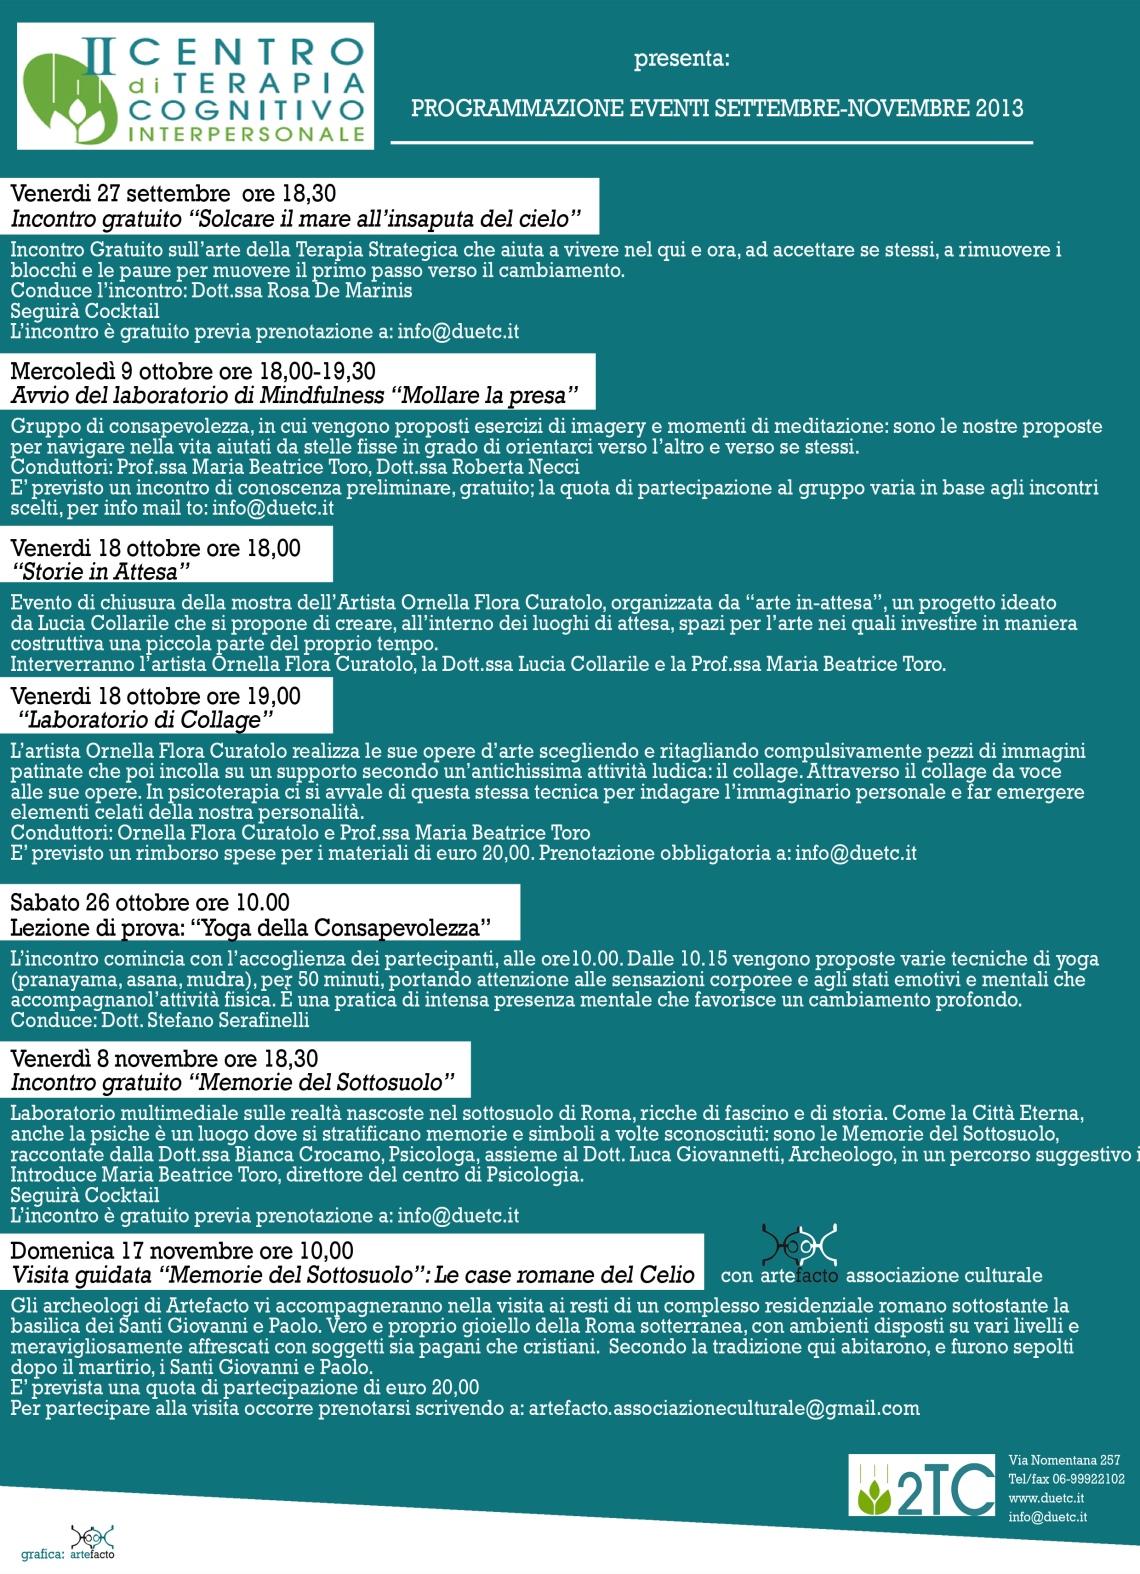 Programmazione eventi 2TC settembre-novembre